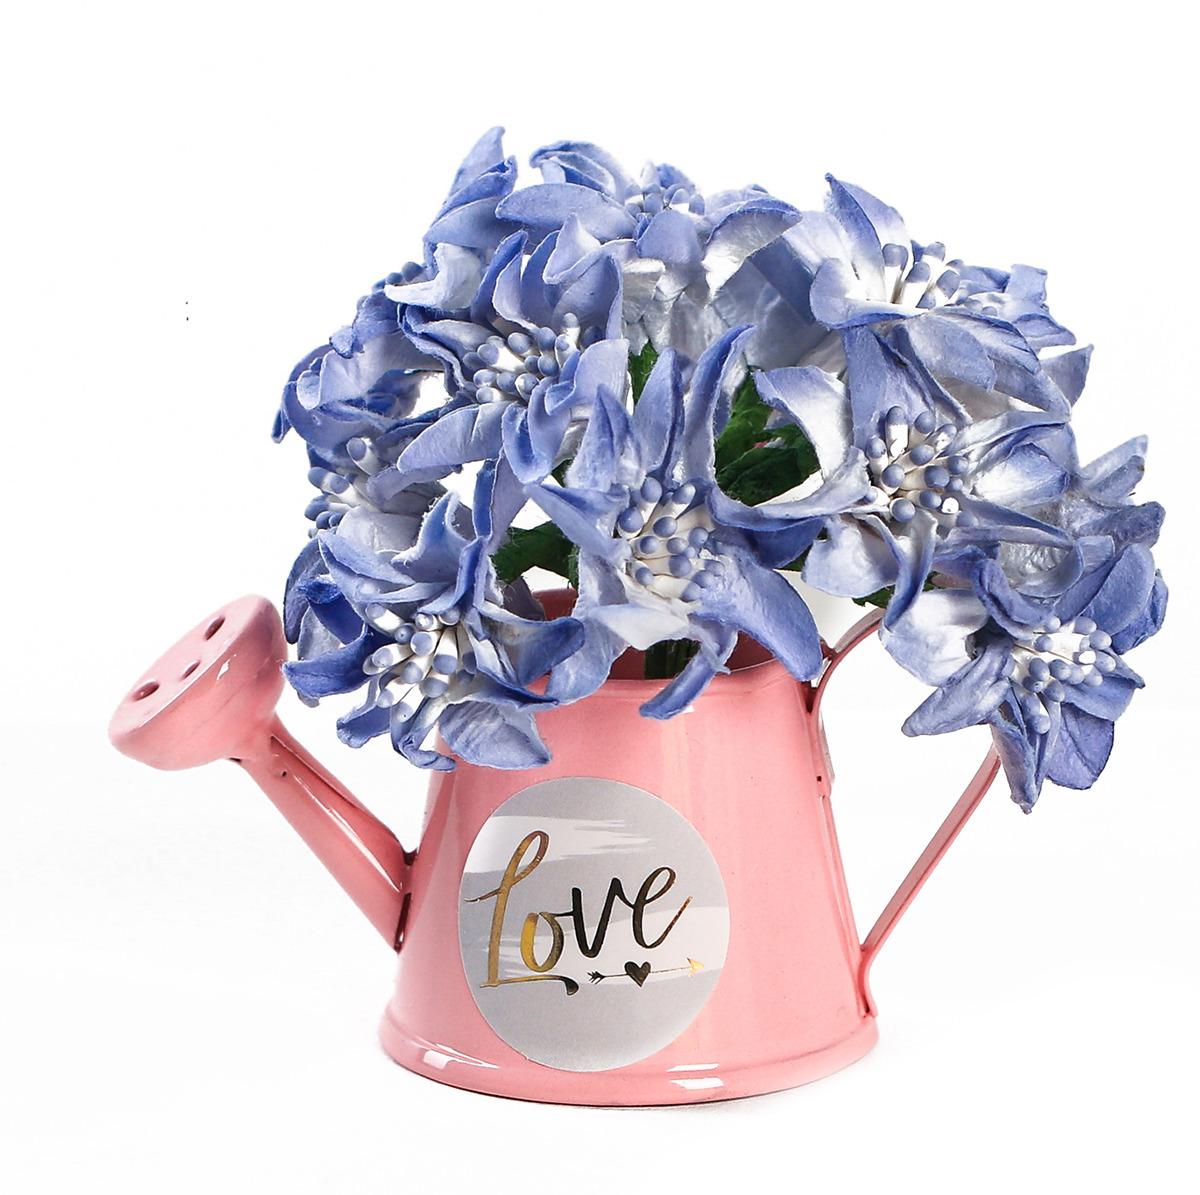 Цветочный комплимент Арт Узор От всей души, 3909429, фиолетовый маркус мария михайловна от всей души с любовью